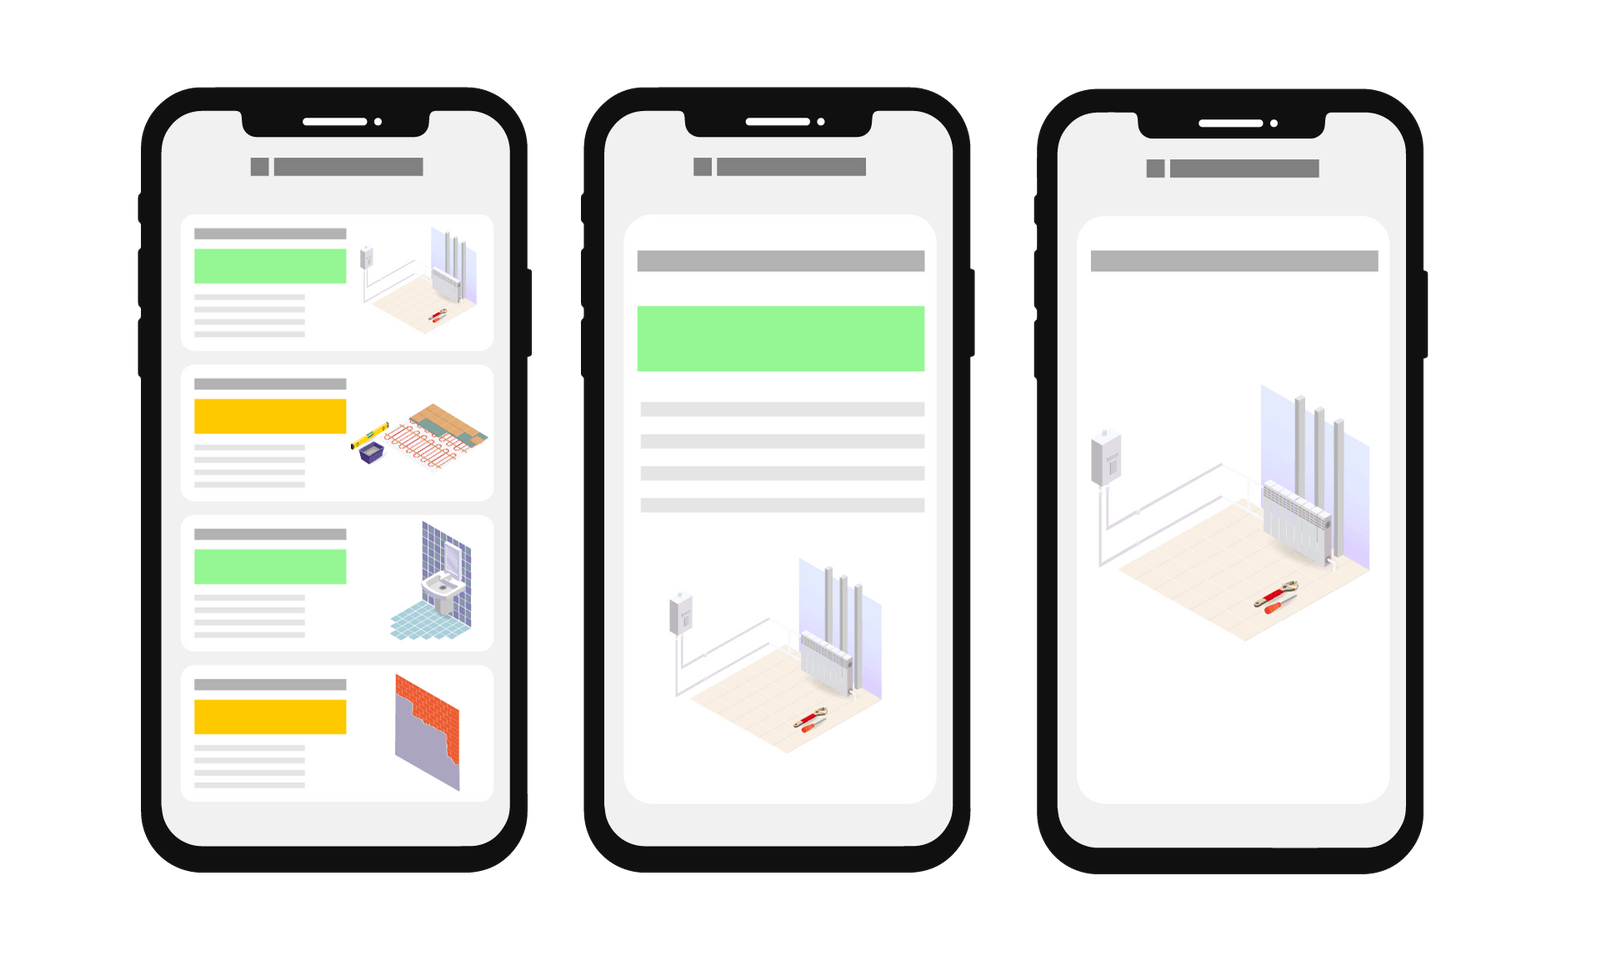 Application mobile native avec mode hors ligne